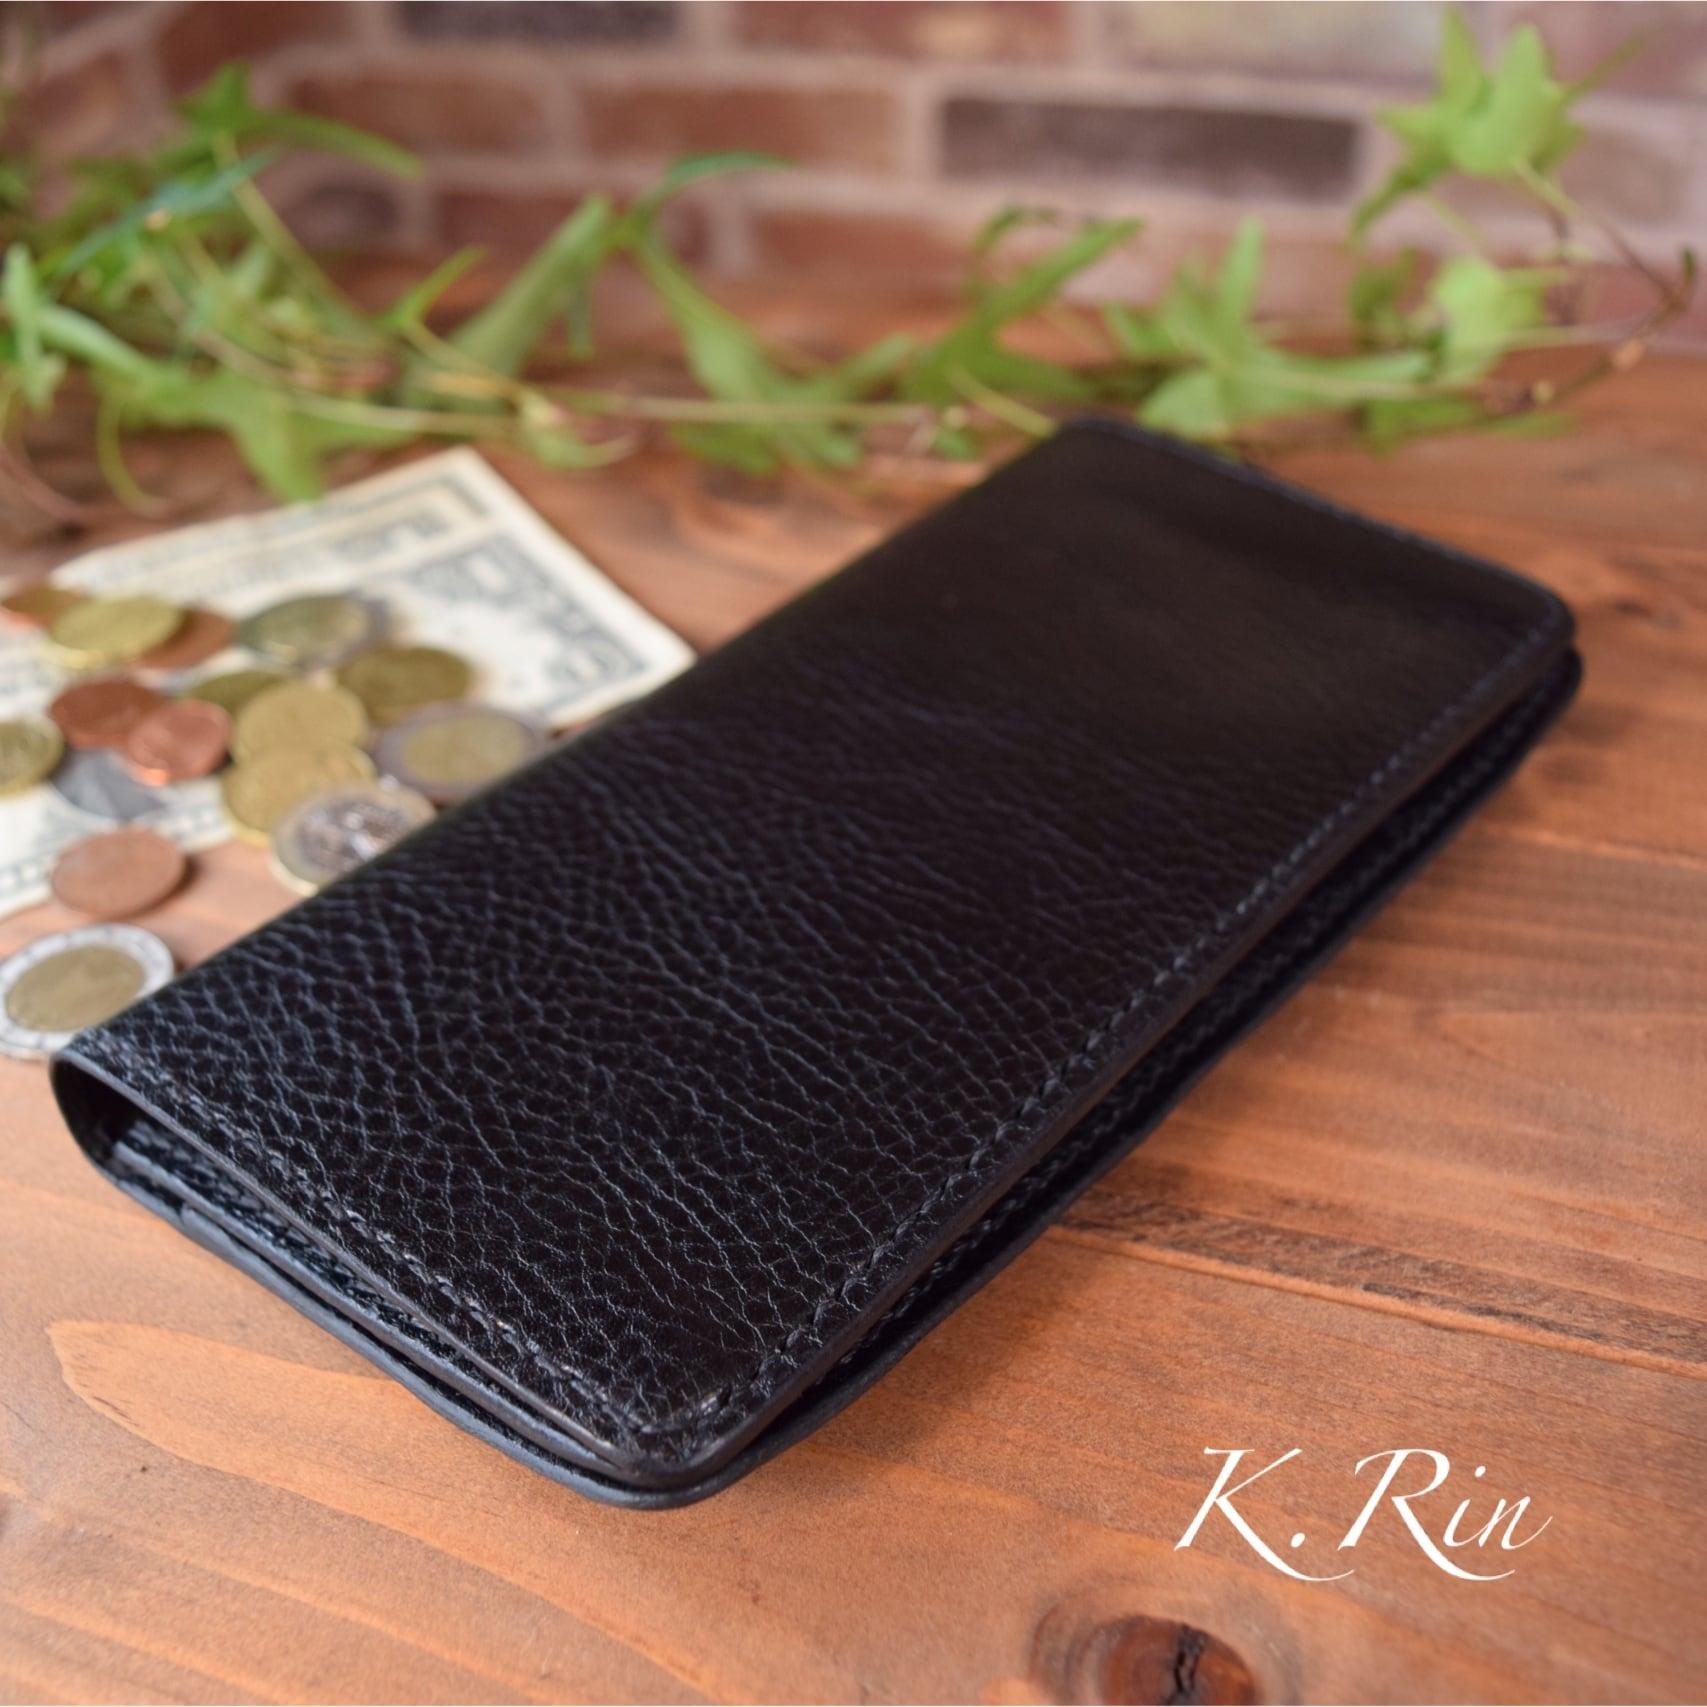 【オーダーメイド制作例】2つ折り長財布 ダブル スリットカード入れタイプ   (KA098b2)